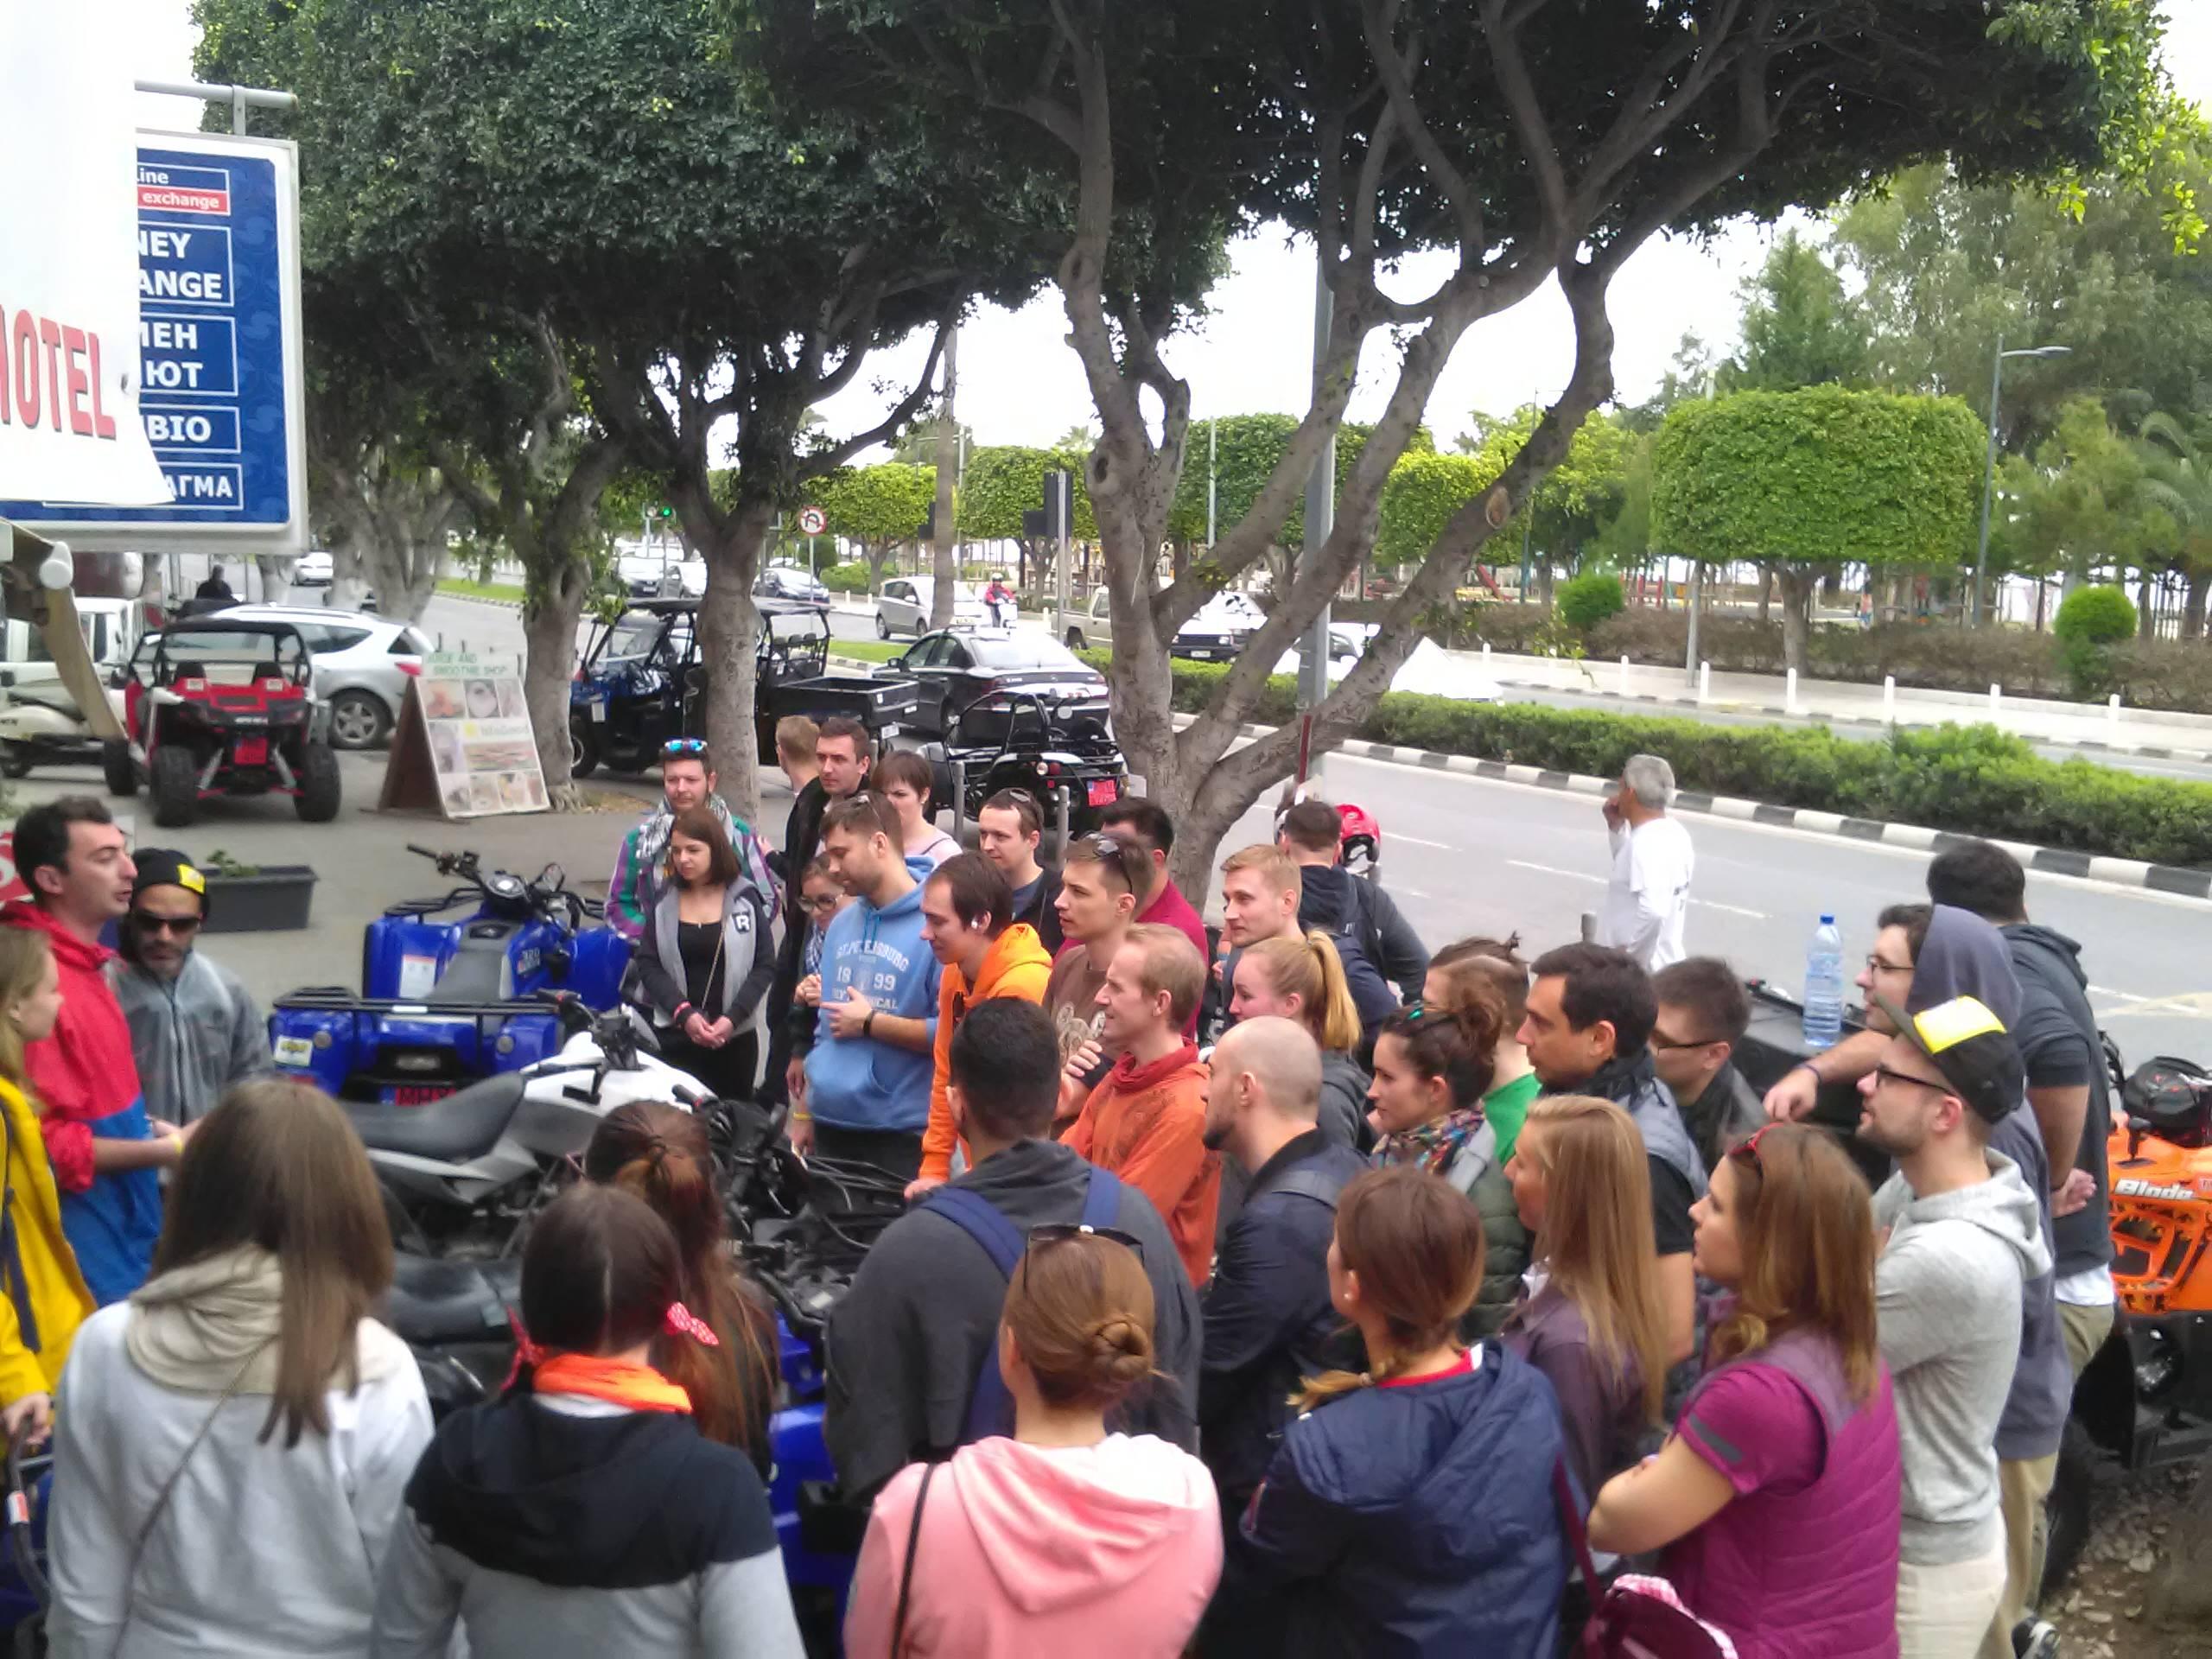 groups events activities atlas rentals